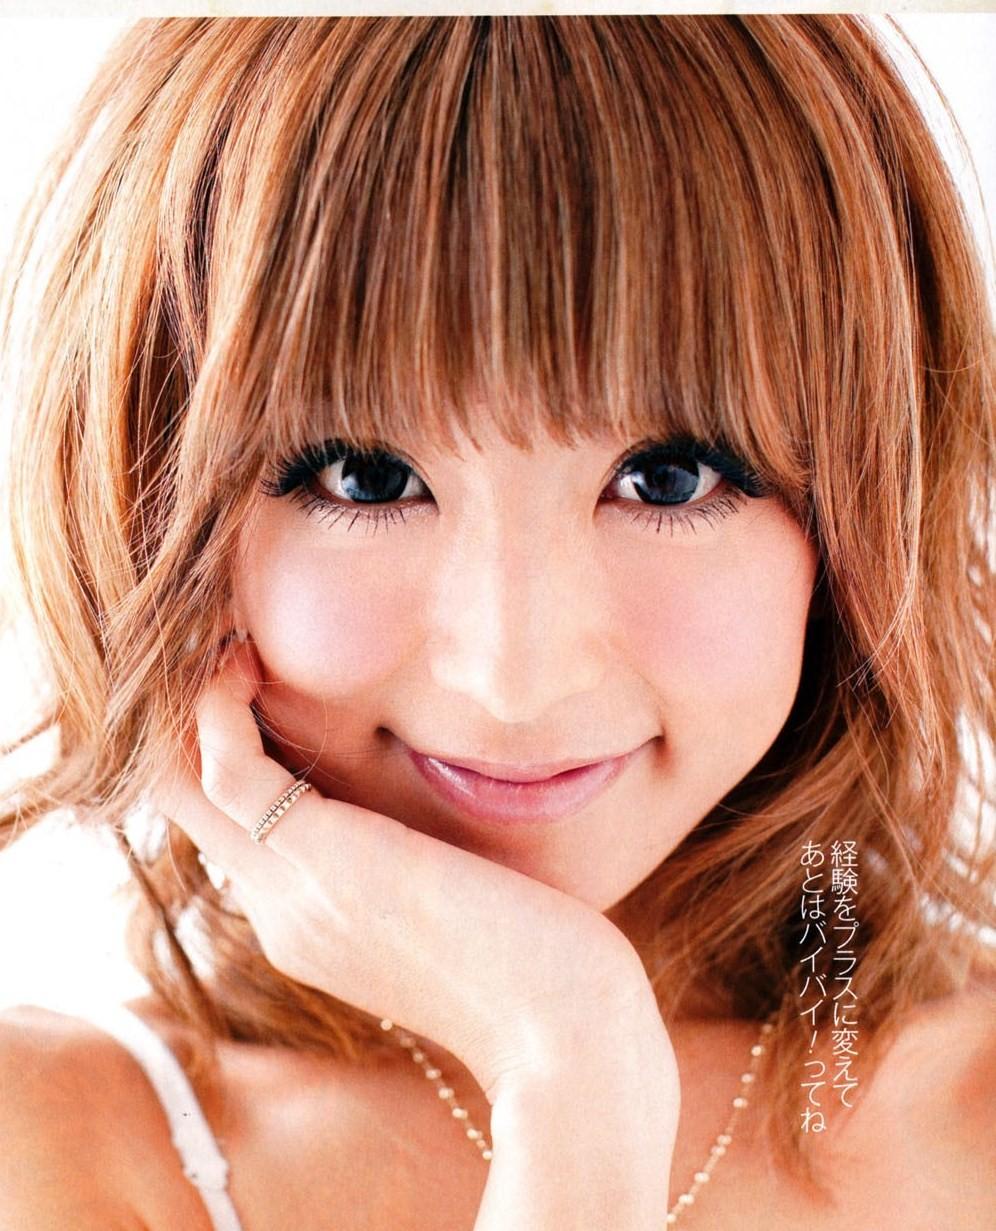 SHEMALE JAPAN新人!星野加奈ちゃん19才のインタビュー&ペニクリ動画を紹介します | 有料ニューハーフ